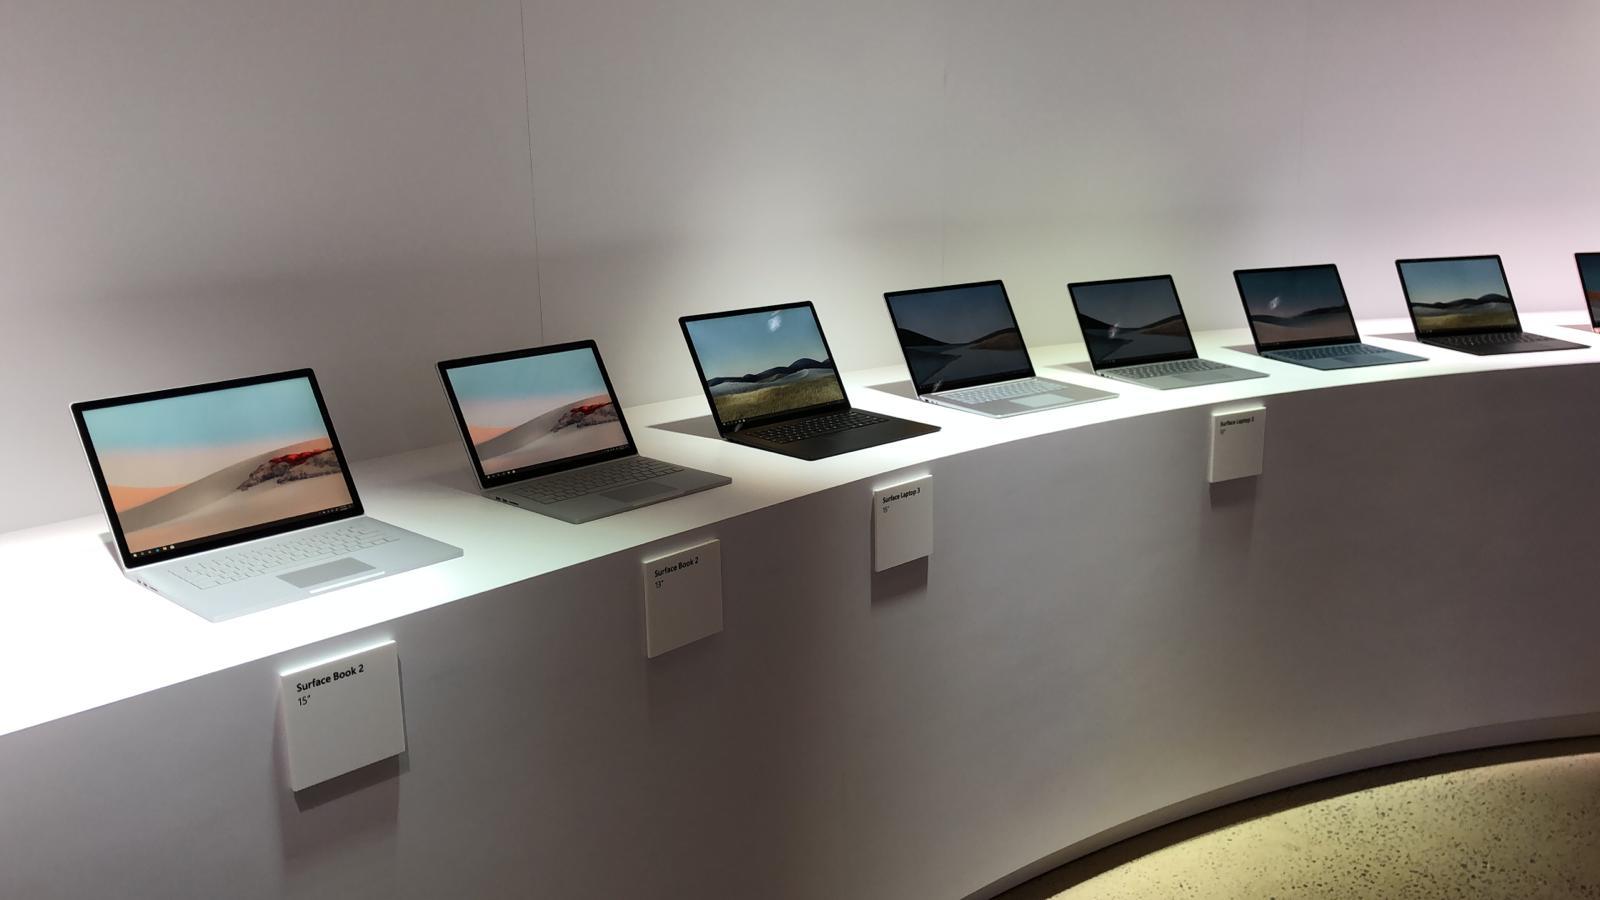 Microsoft Surface Laptop 3 è ufficiale: caratteristiche e prezzi thumbnail